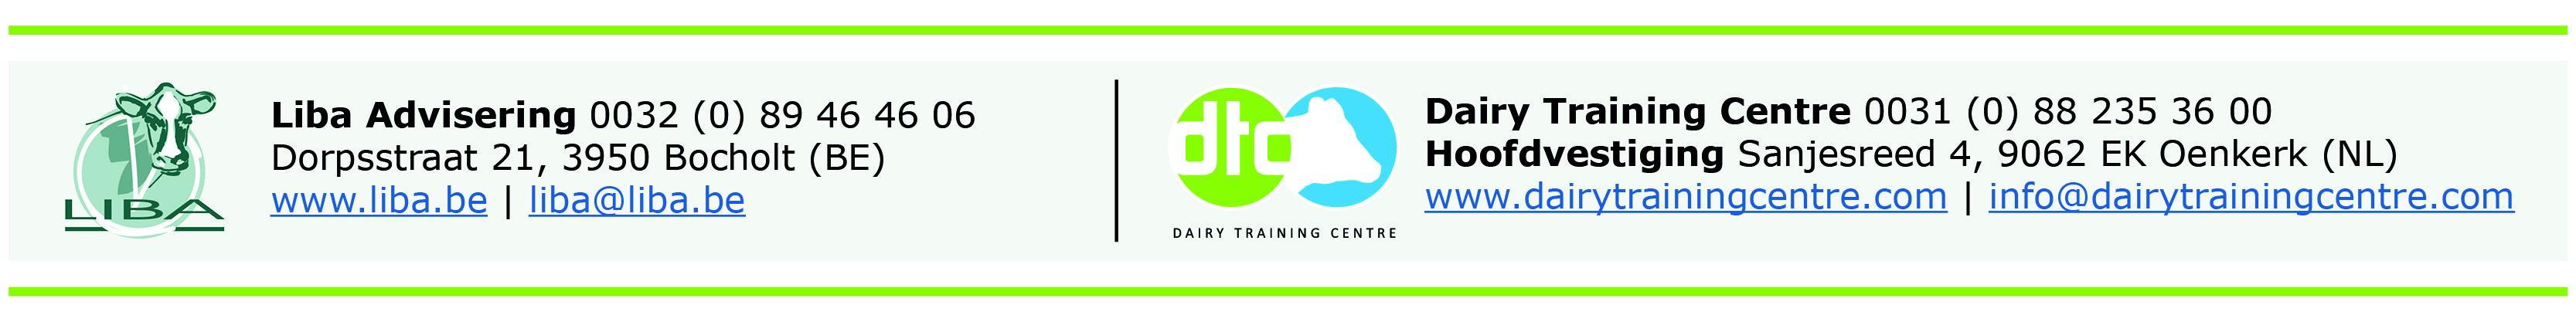 Liba en DTC werken samen voor opleidingen in België en Zuid-Nederland | Liba Advisering